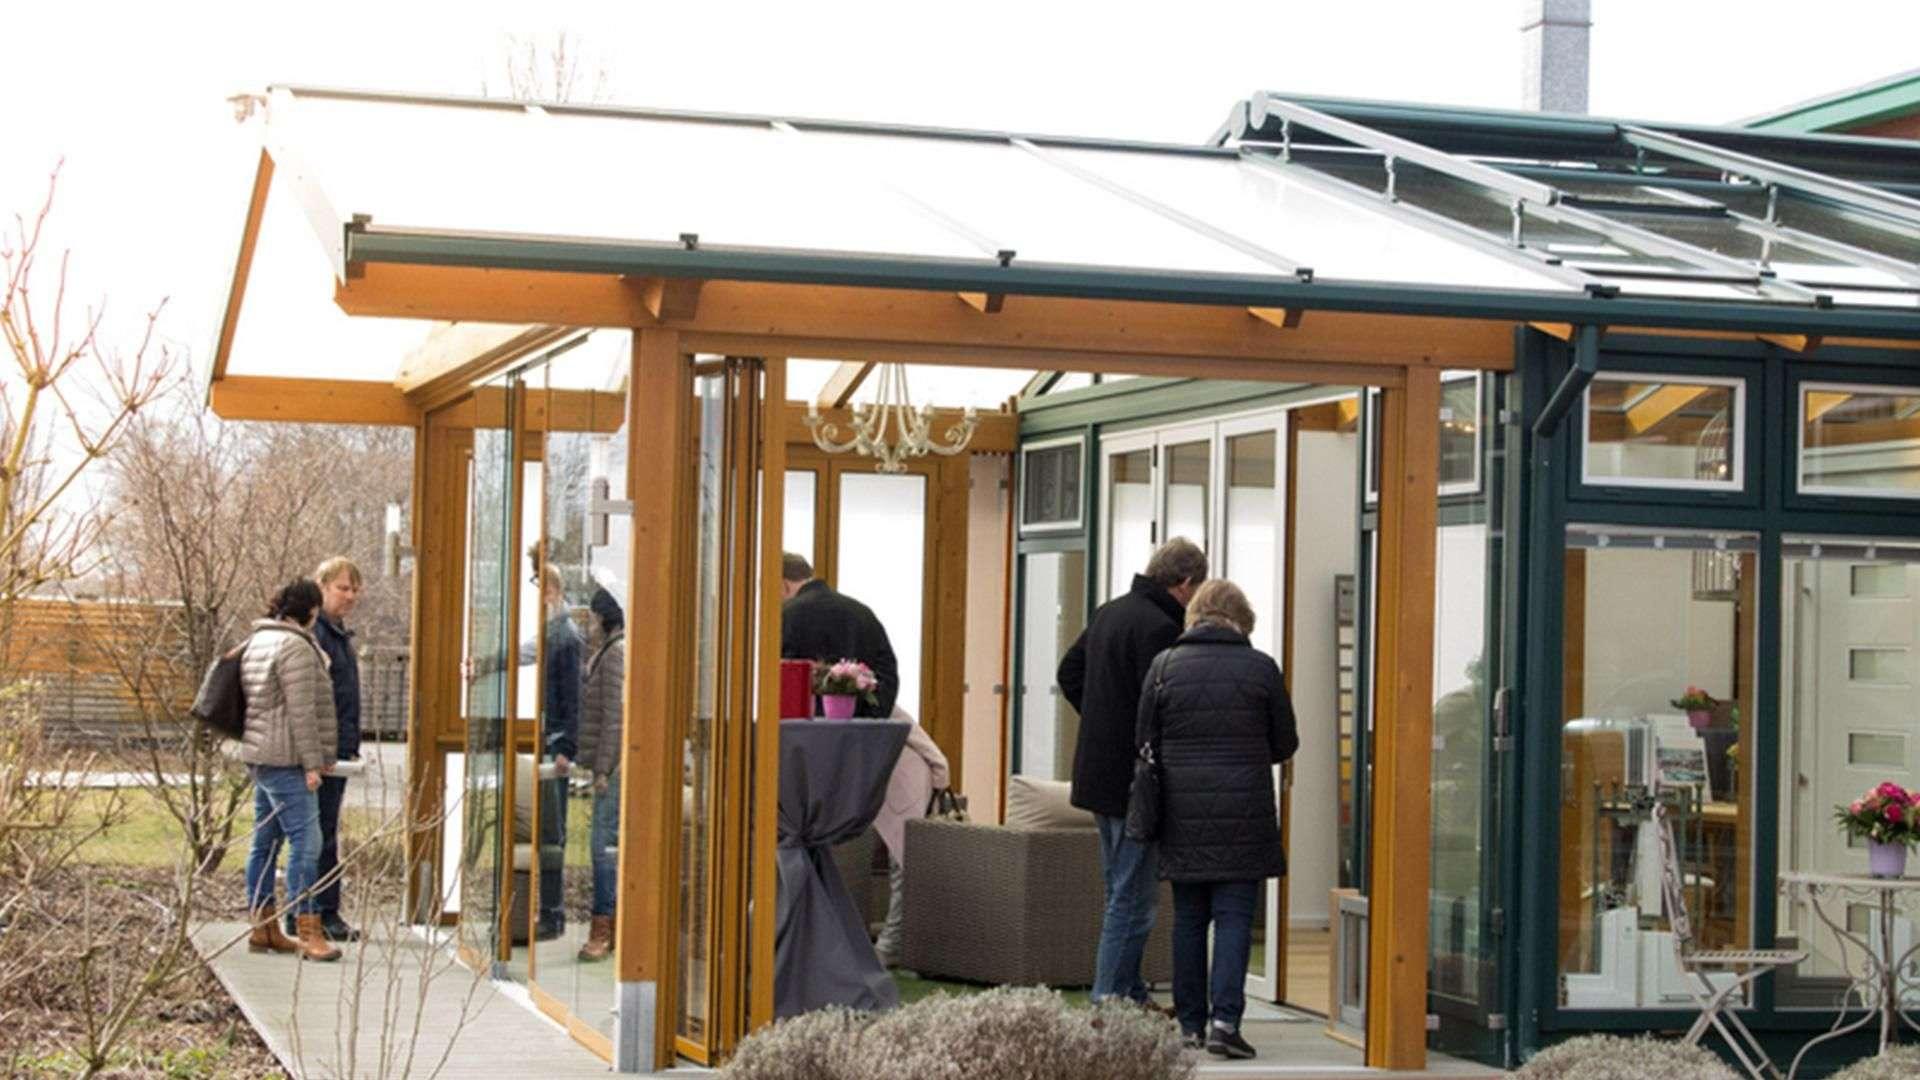 mehrere Personen in einem Wintergarten in der Ausstellung der Tischlerei Gleue in Lindwedel